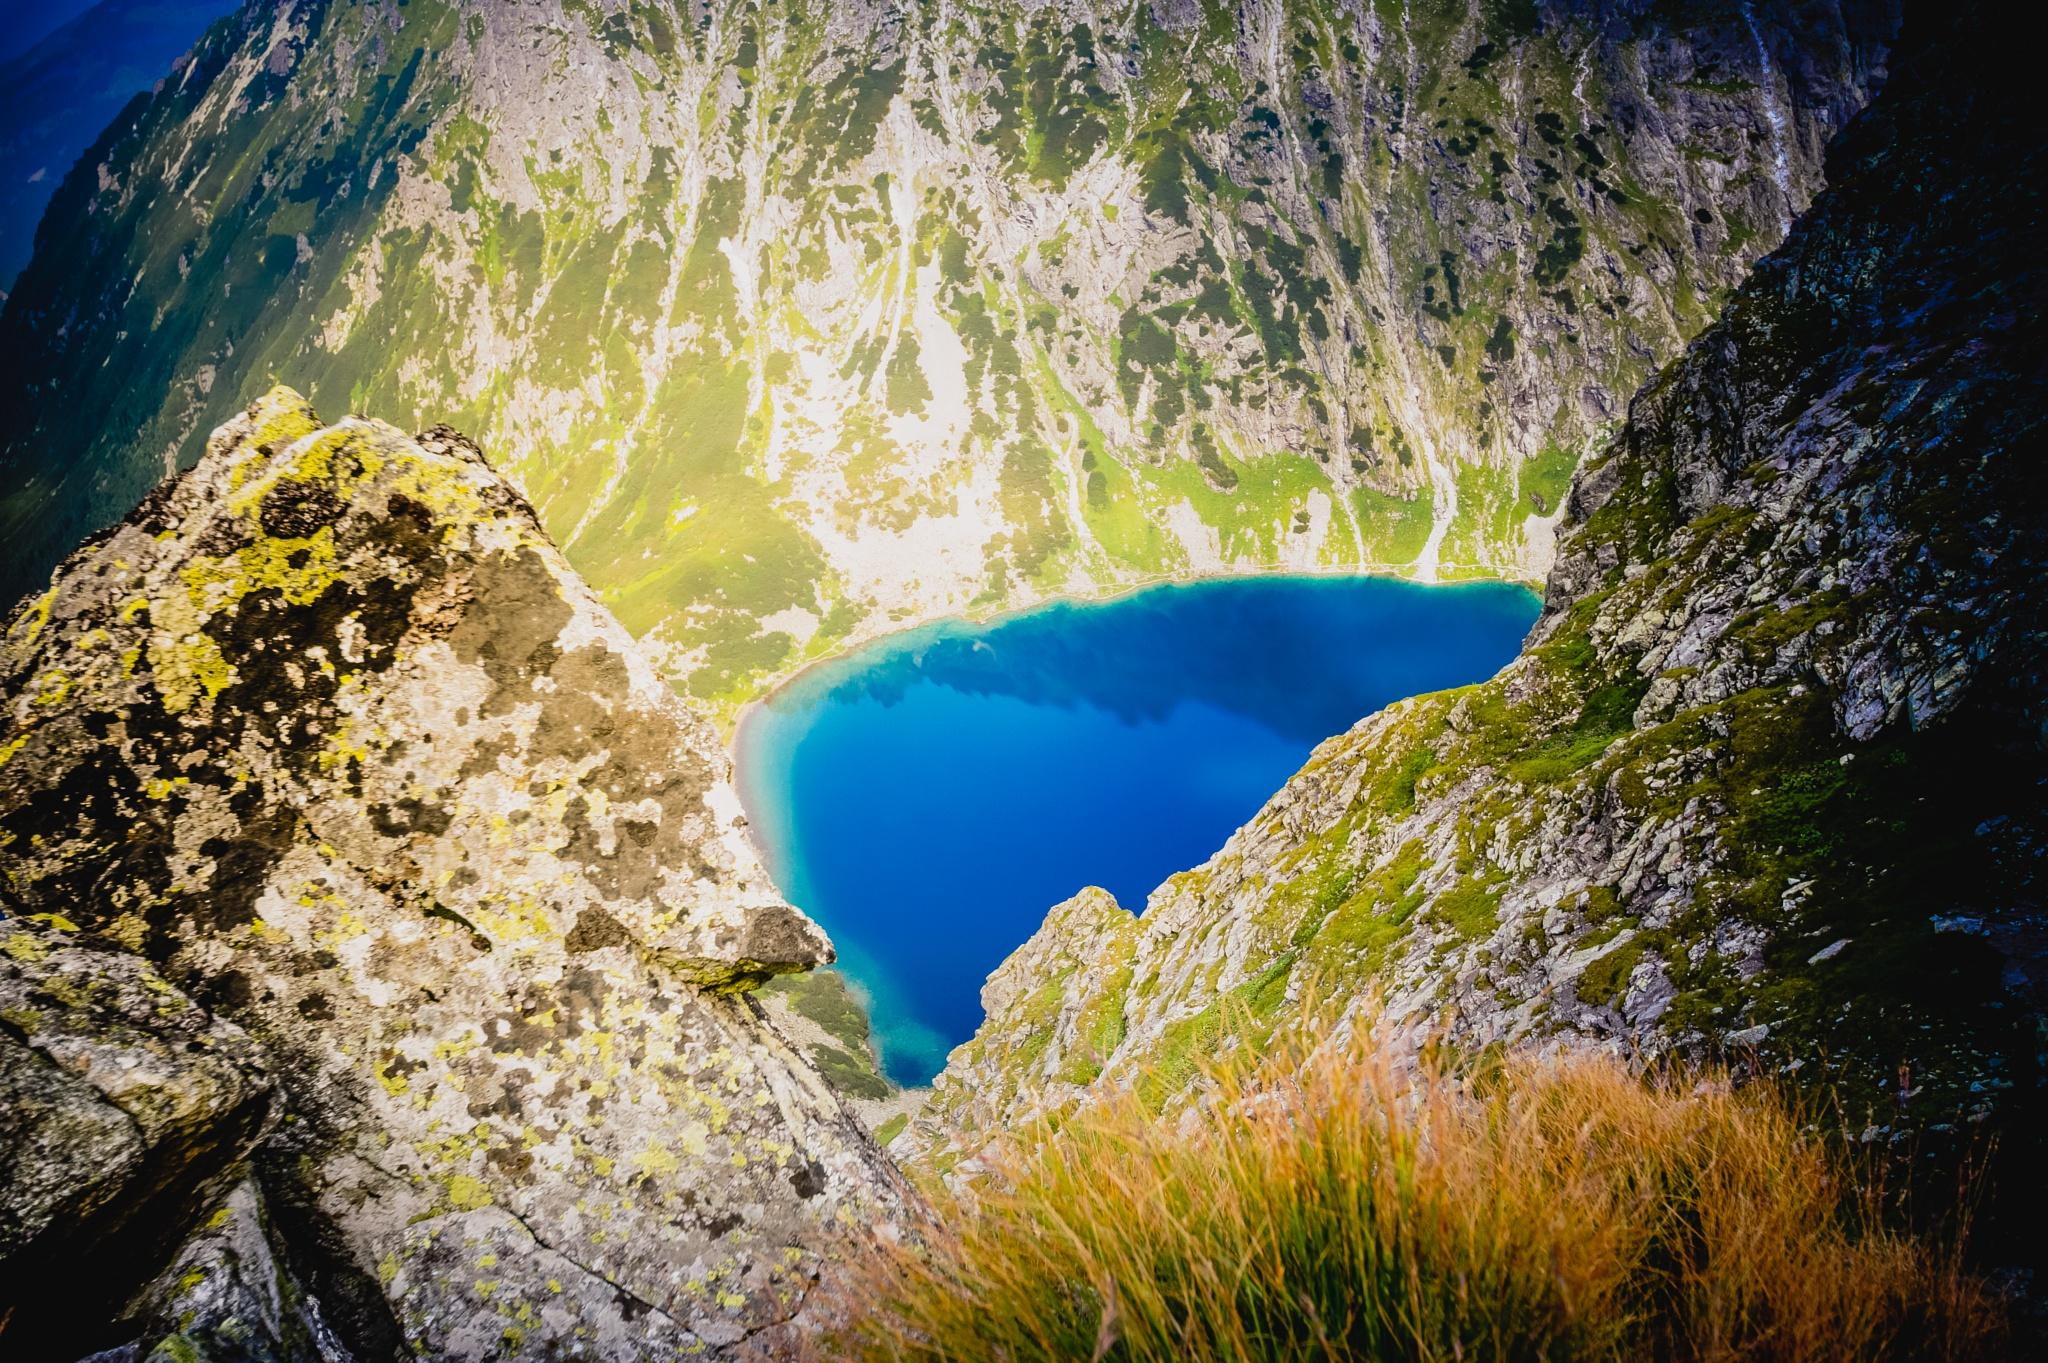 Lake by gosiak